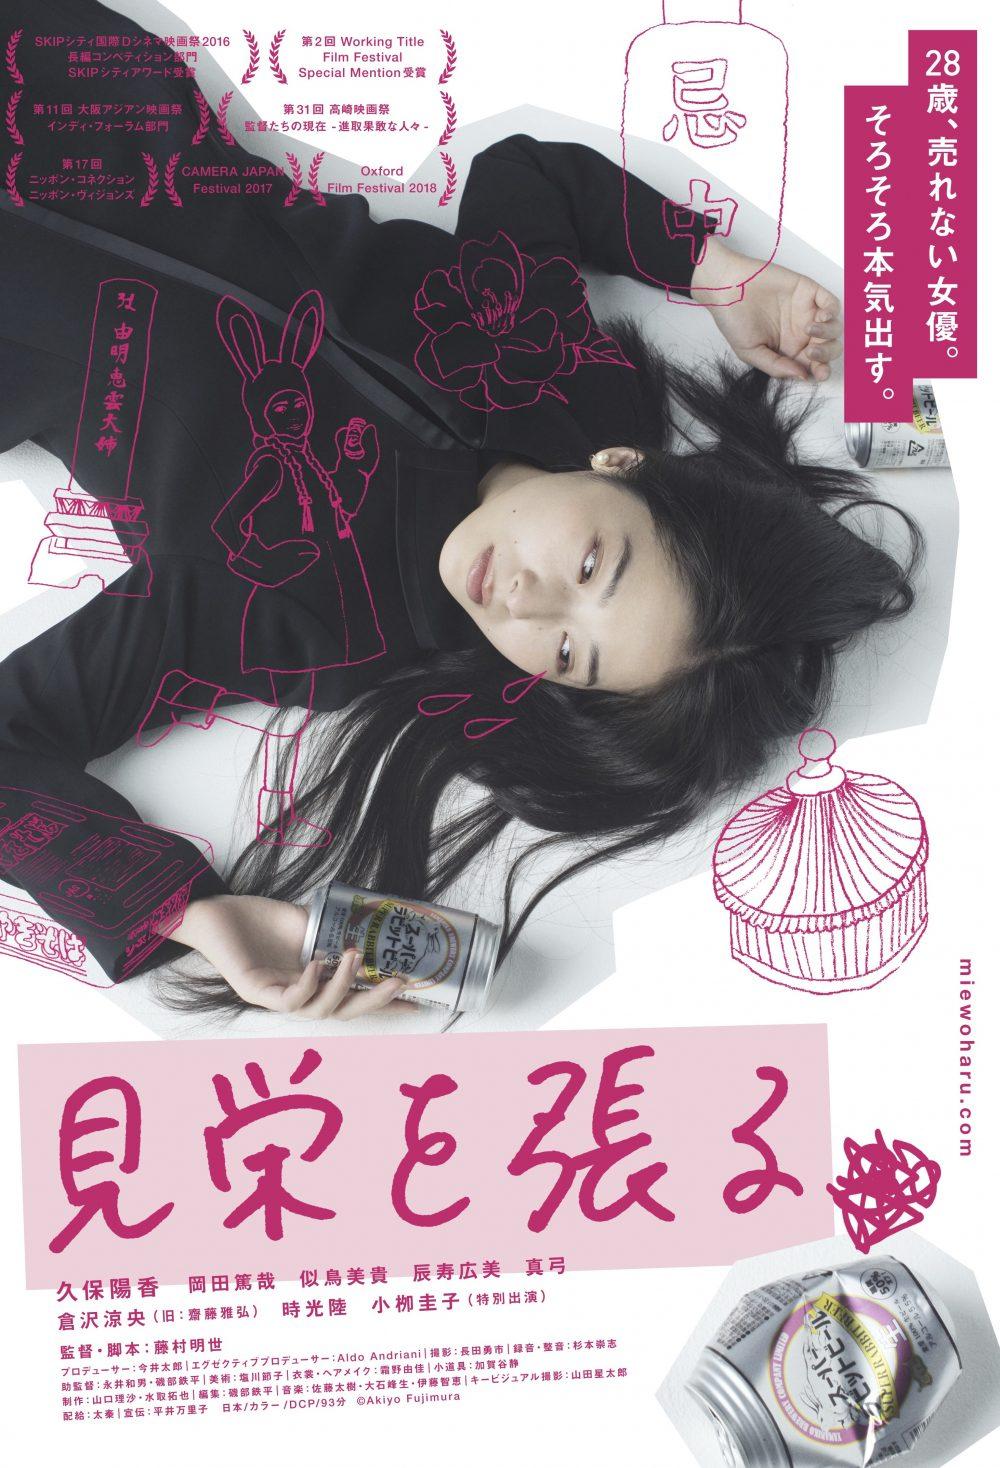 【画像】映画『見栄を張る』ポスタービジュアル